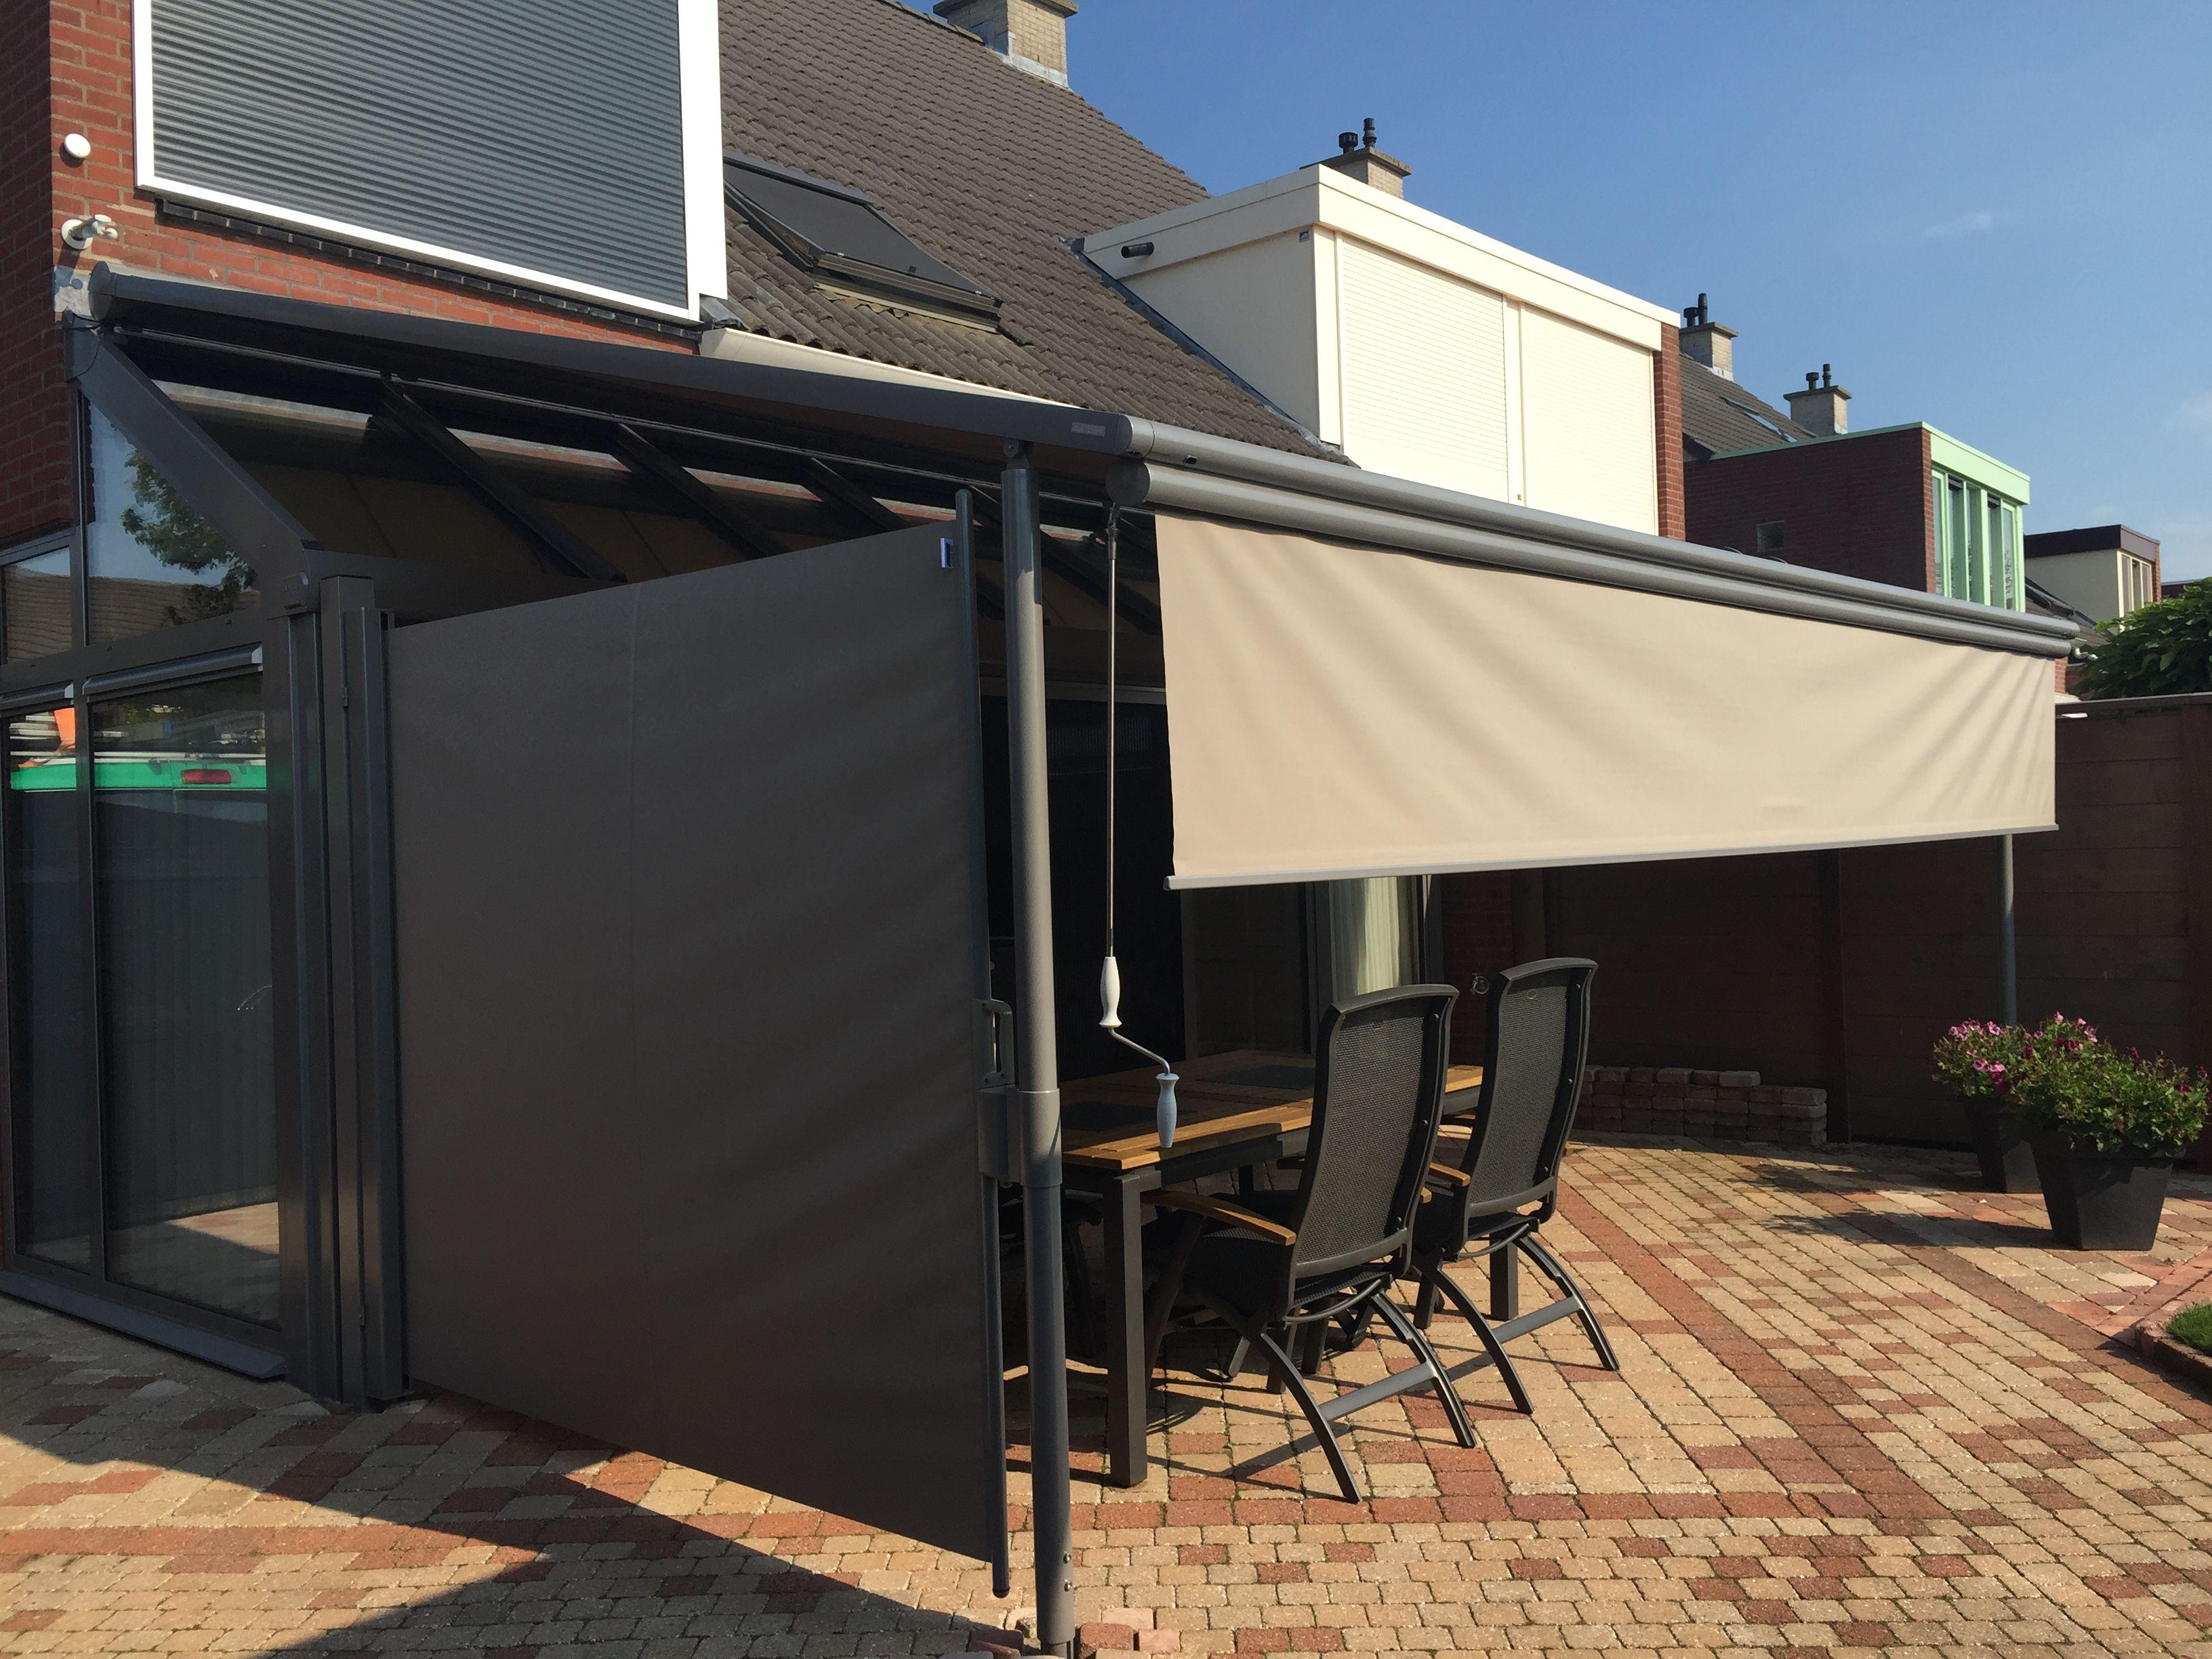 Geniet van je terras met een van onze terrasoplossingen en geniet van onze buitenkansen Contacteer ons voor de voorwa…